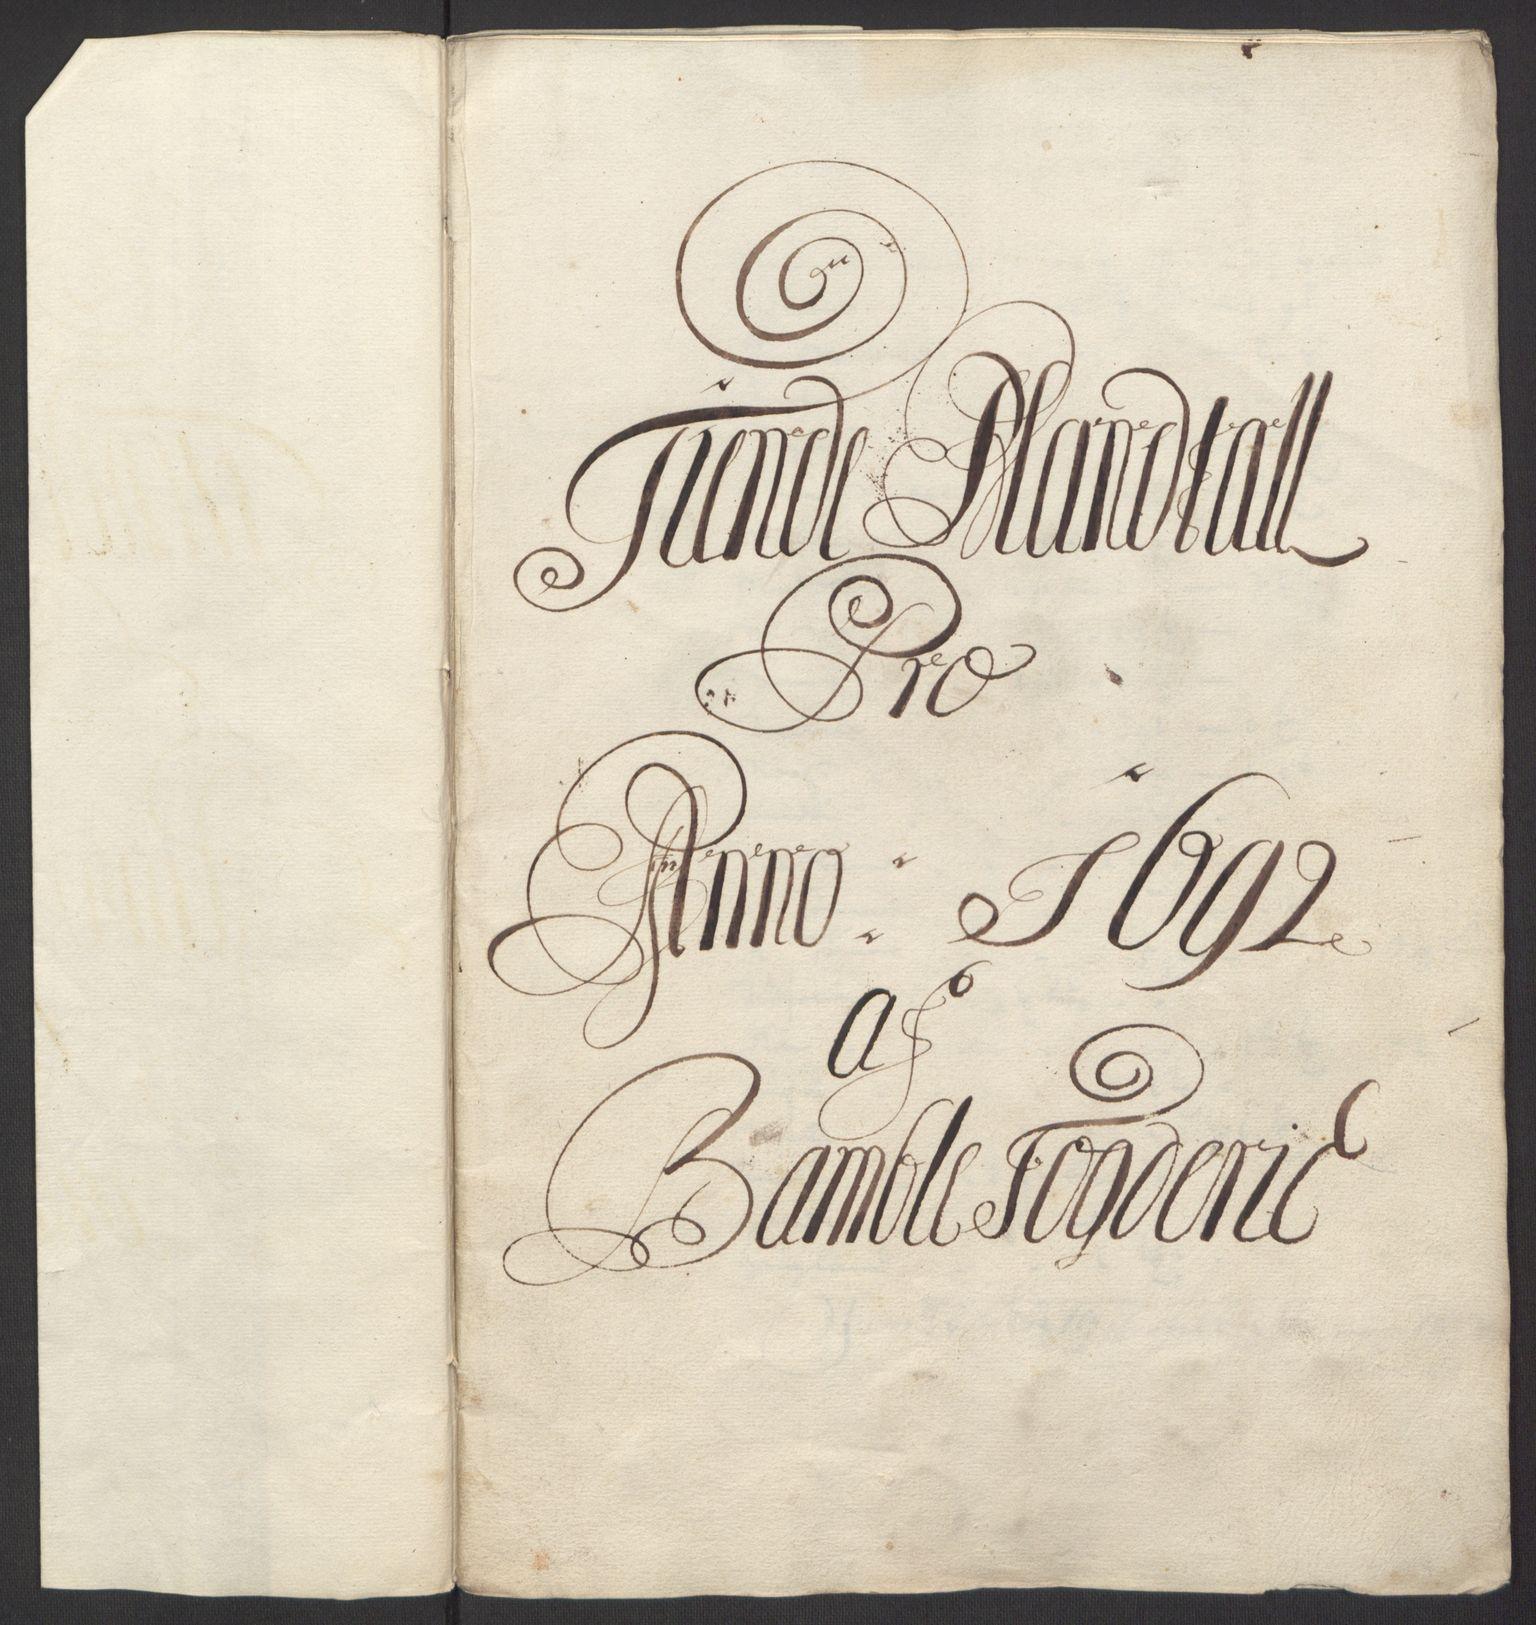 RA, Rentekammeret inntil 1814, Reviderte regnskaper, Fogderegnskap, R34/L2052: Fogderegnskap Bamble, 1692-1693, s. 46